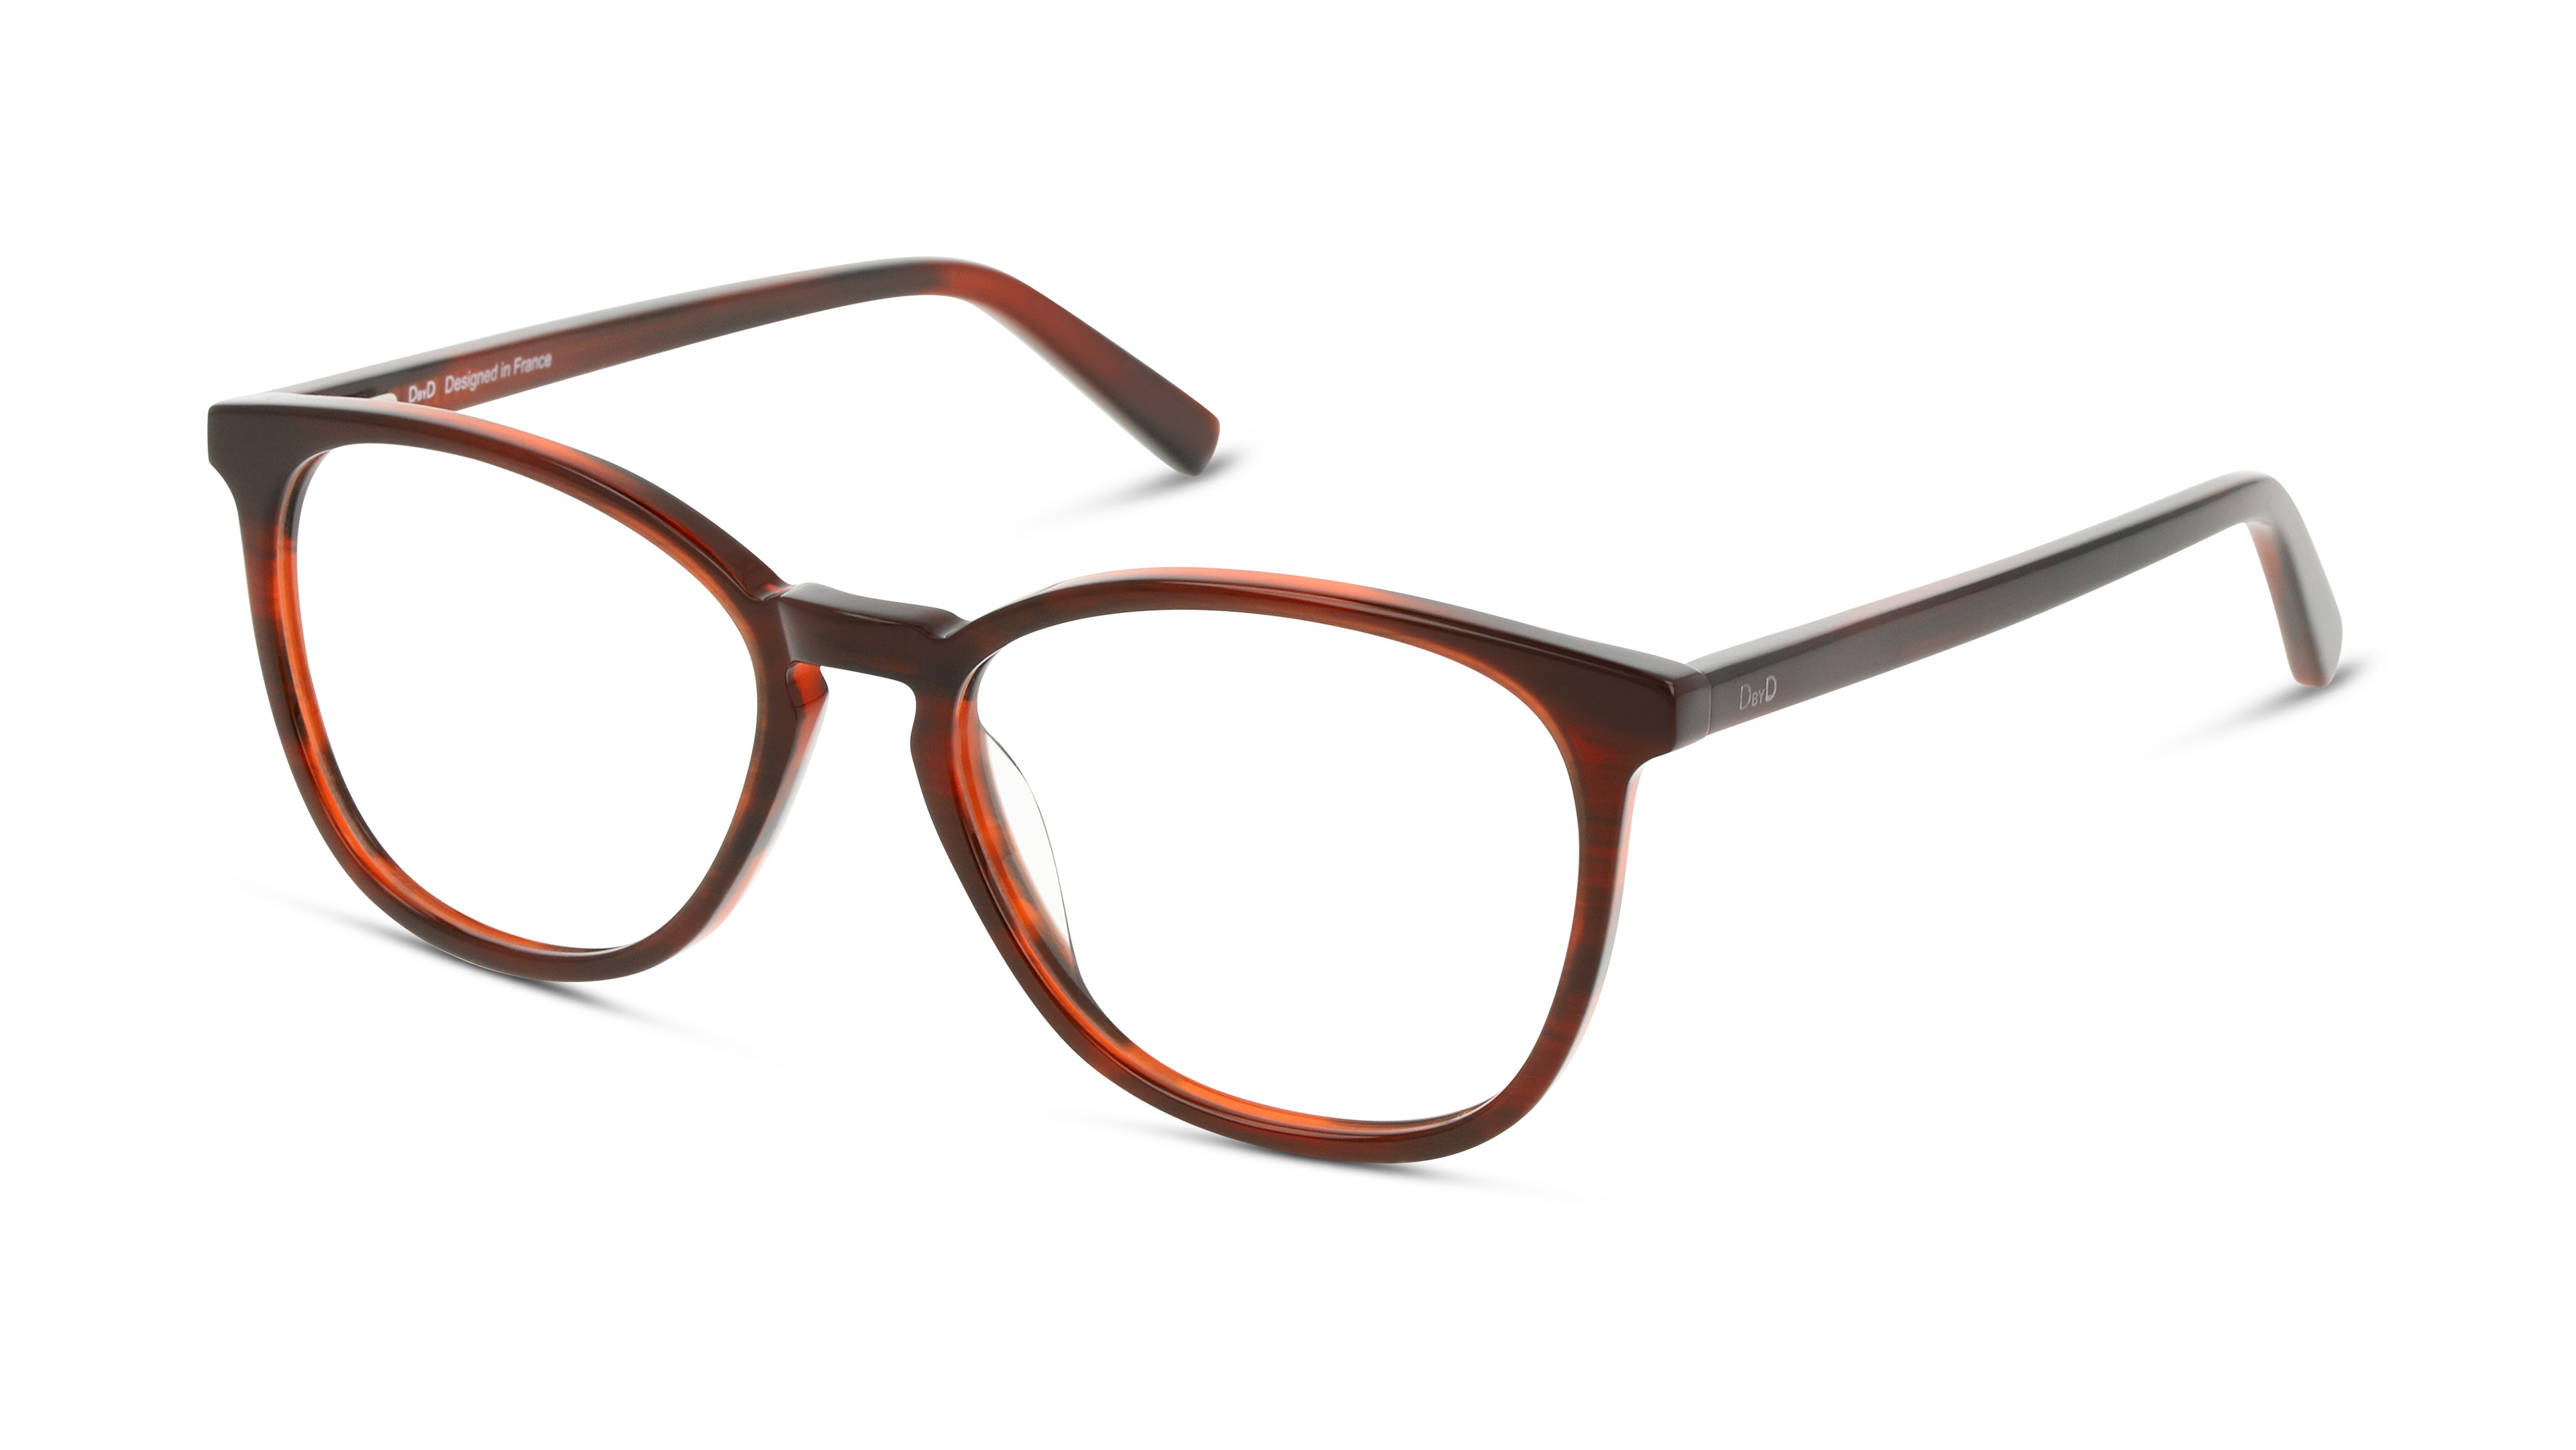 8719154681615-angle-brillenfassung-dbyd-dbof5035-brown-brown